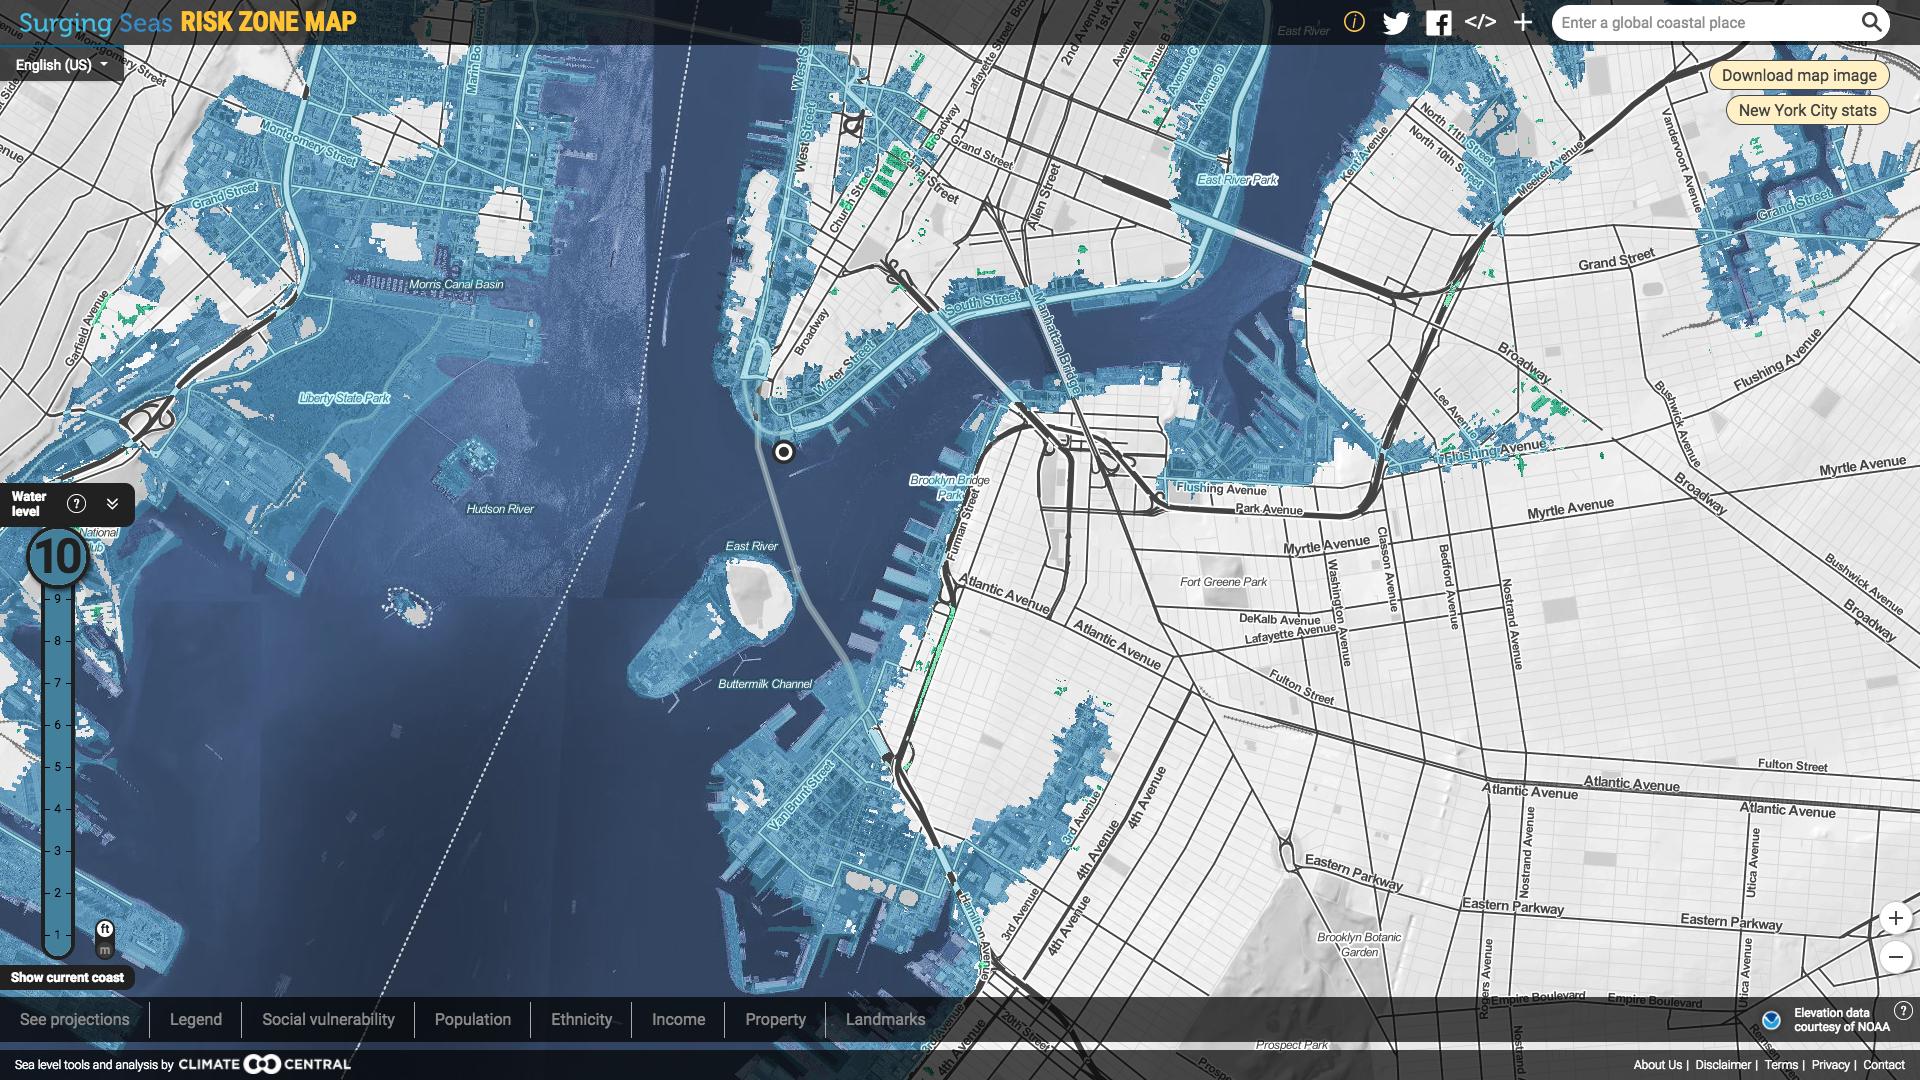 Sample sea level rise map